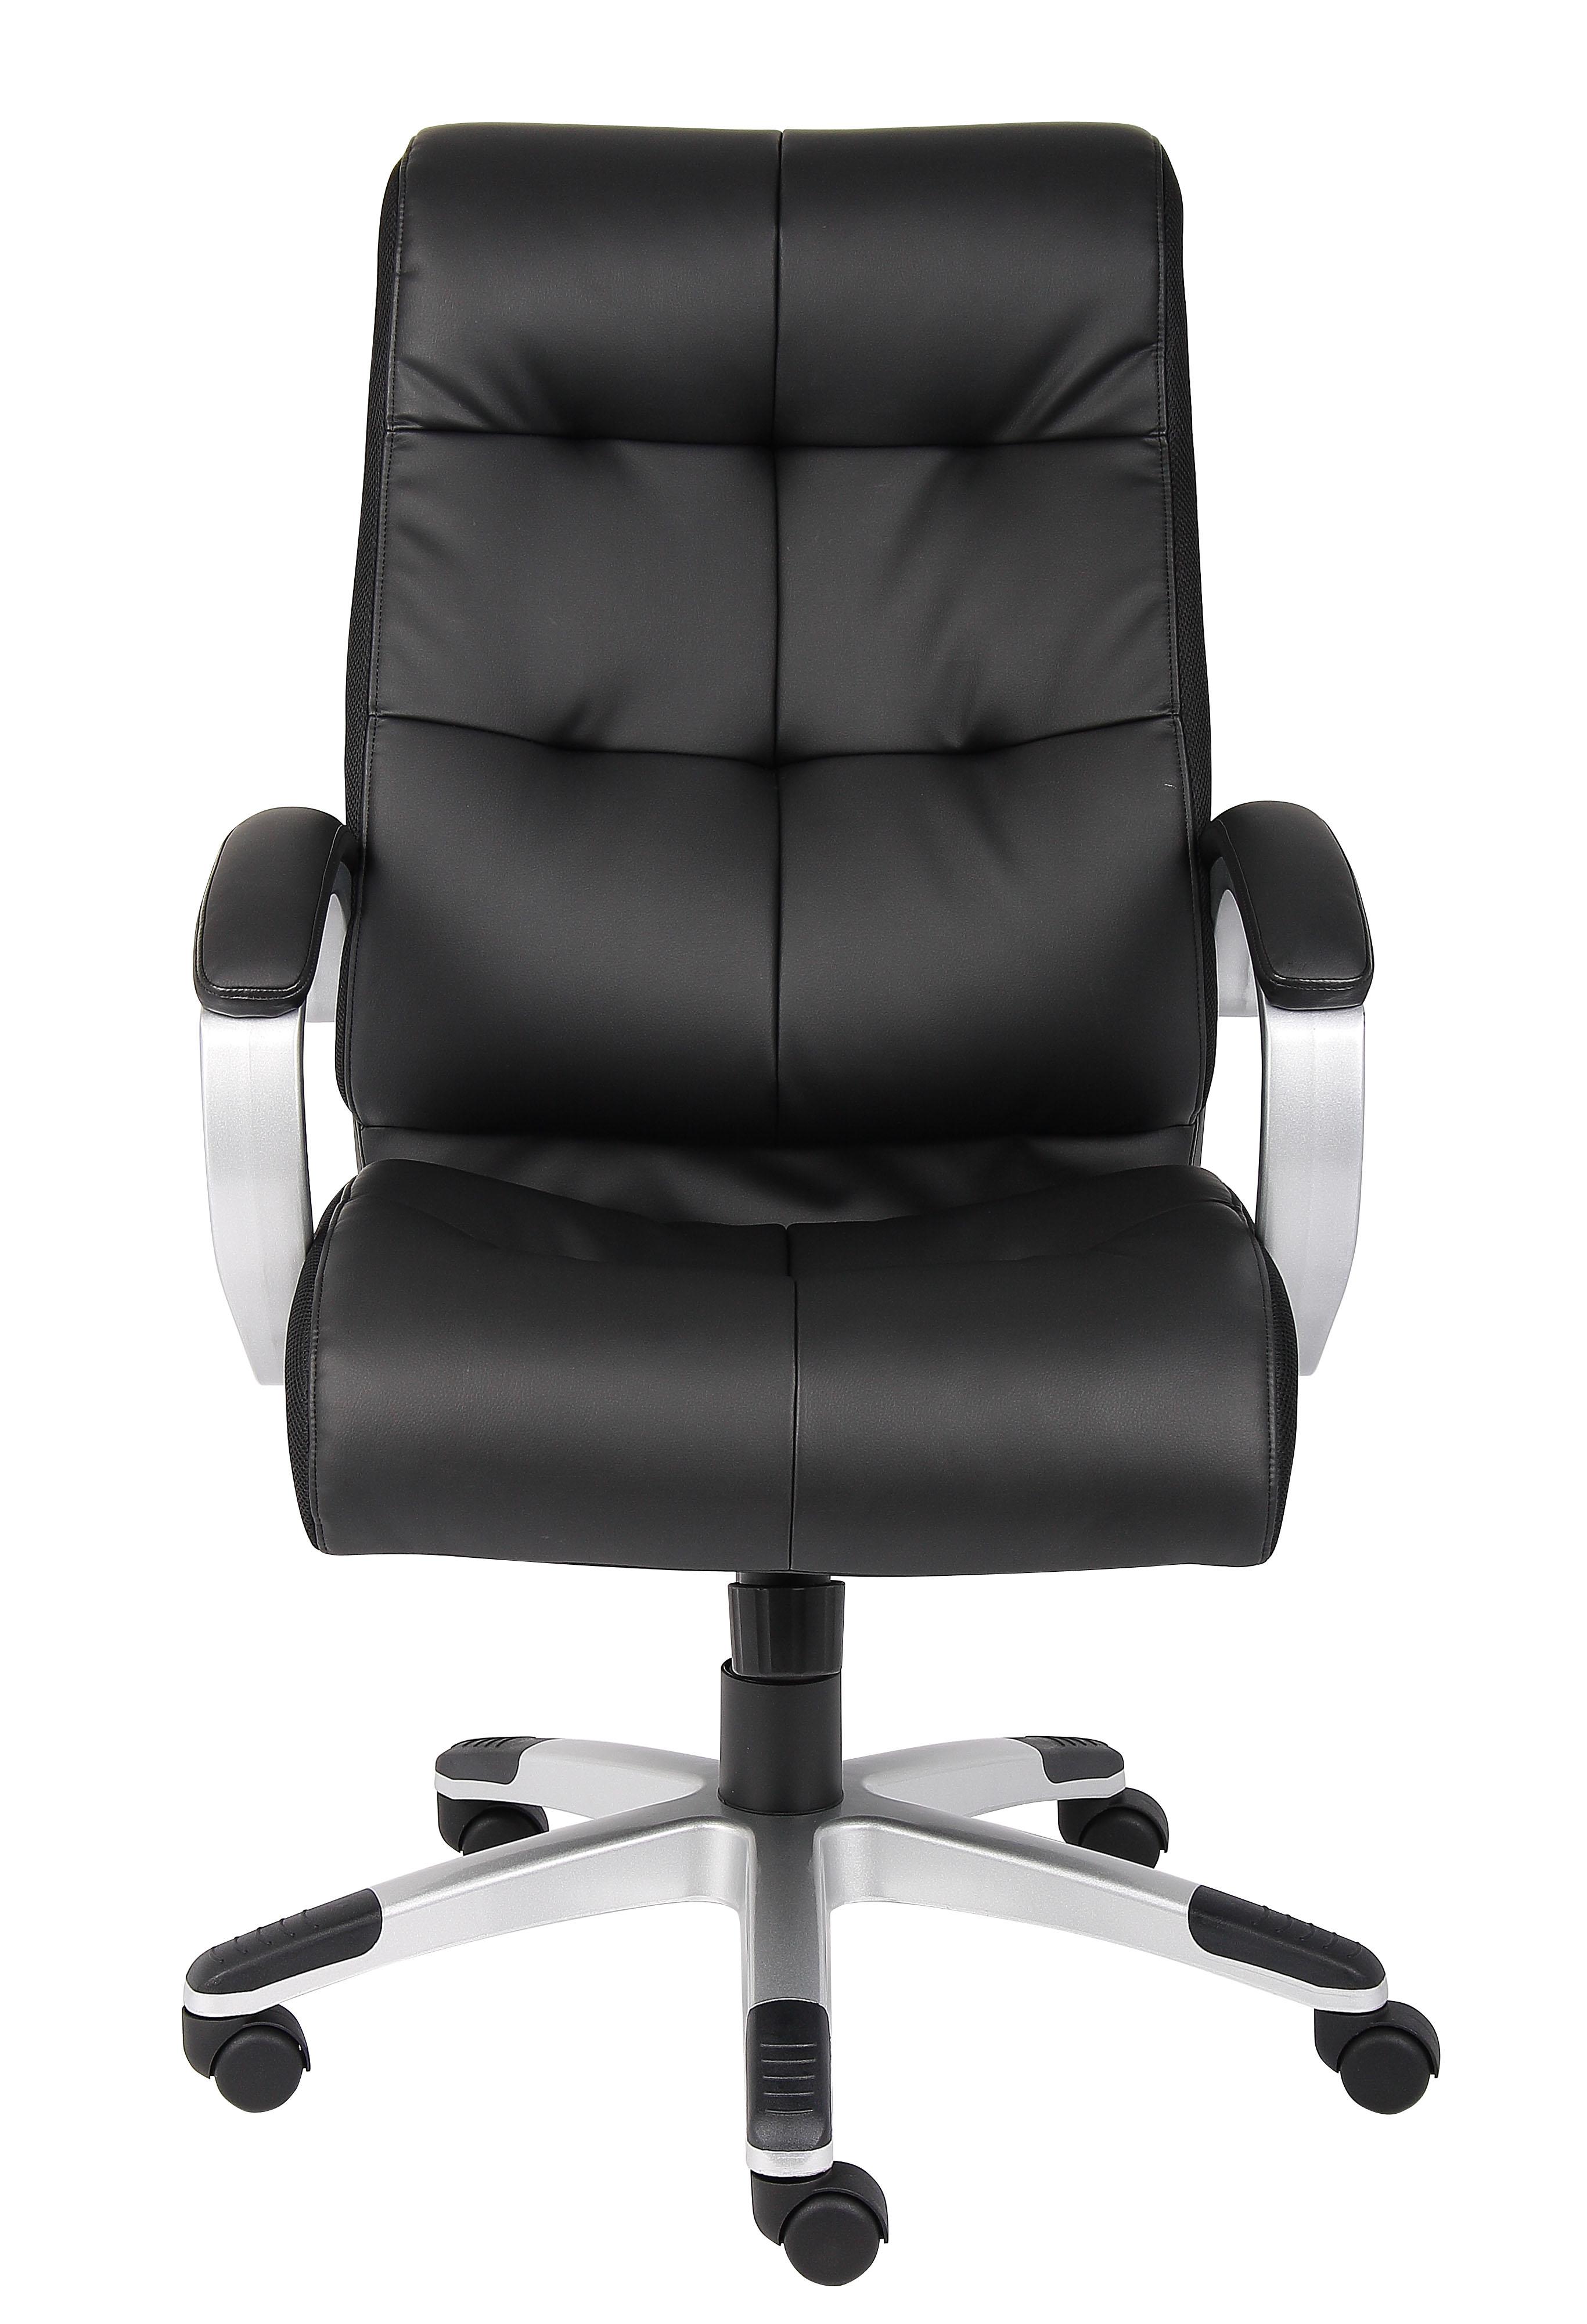 Boss Double Plush High Back Executive Chair Bosschair